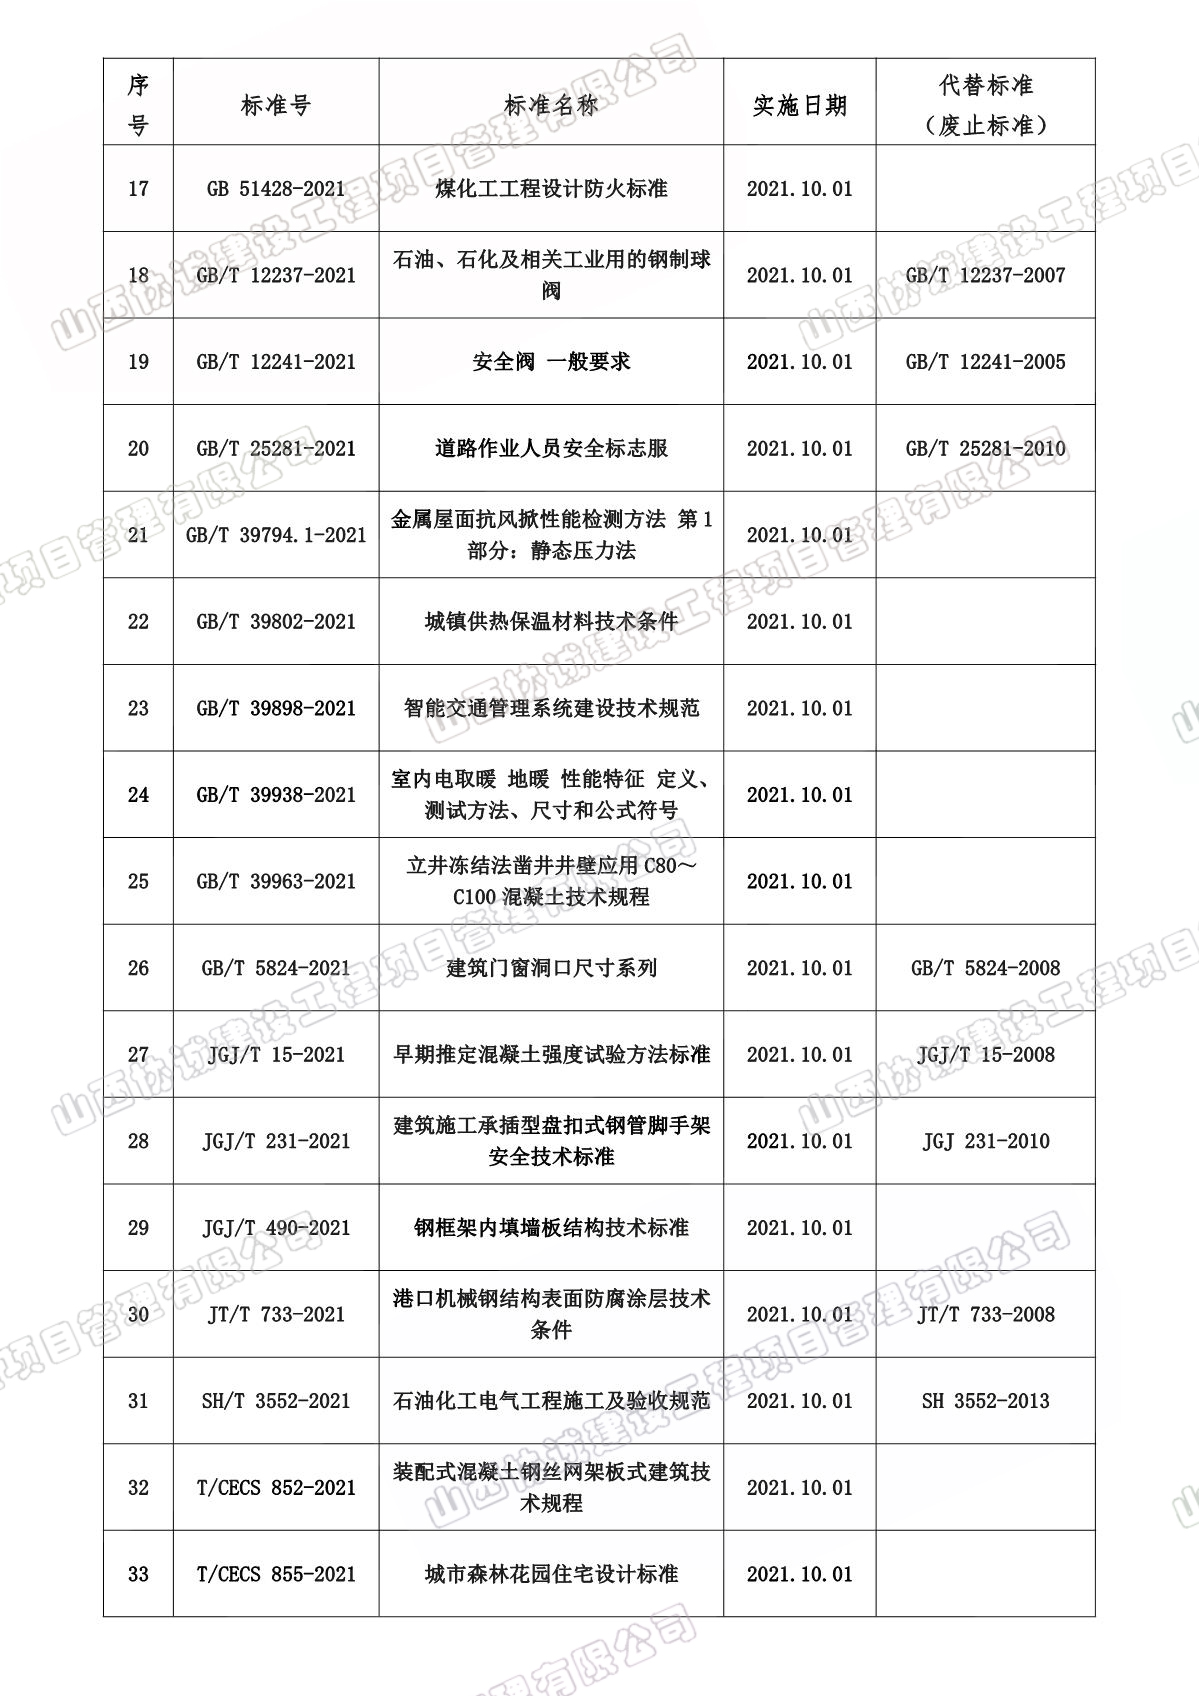 10月份實施和廢止法律法規、標準目錄_2.JPG